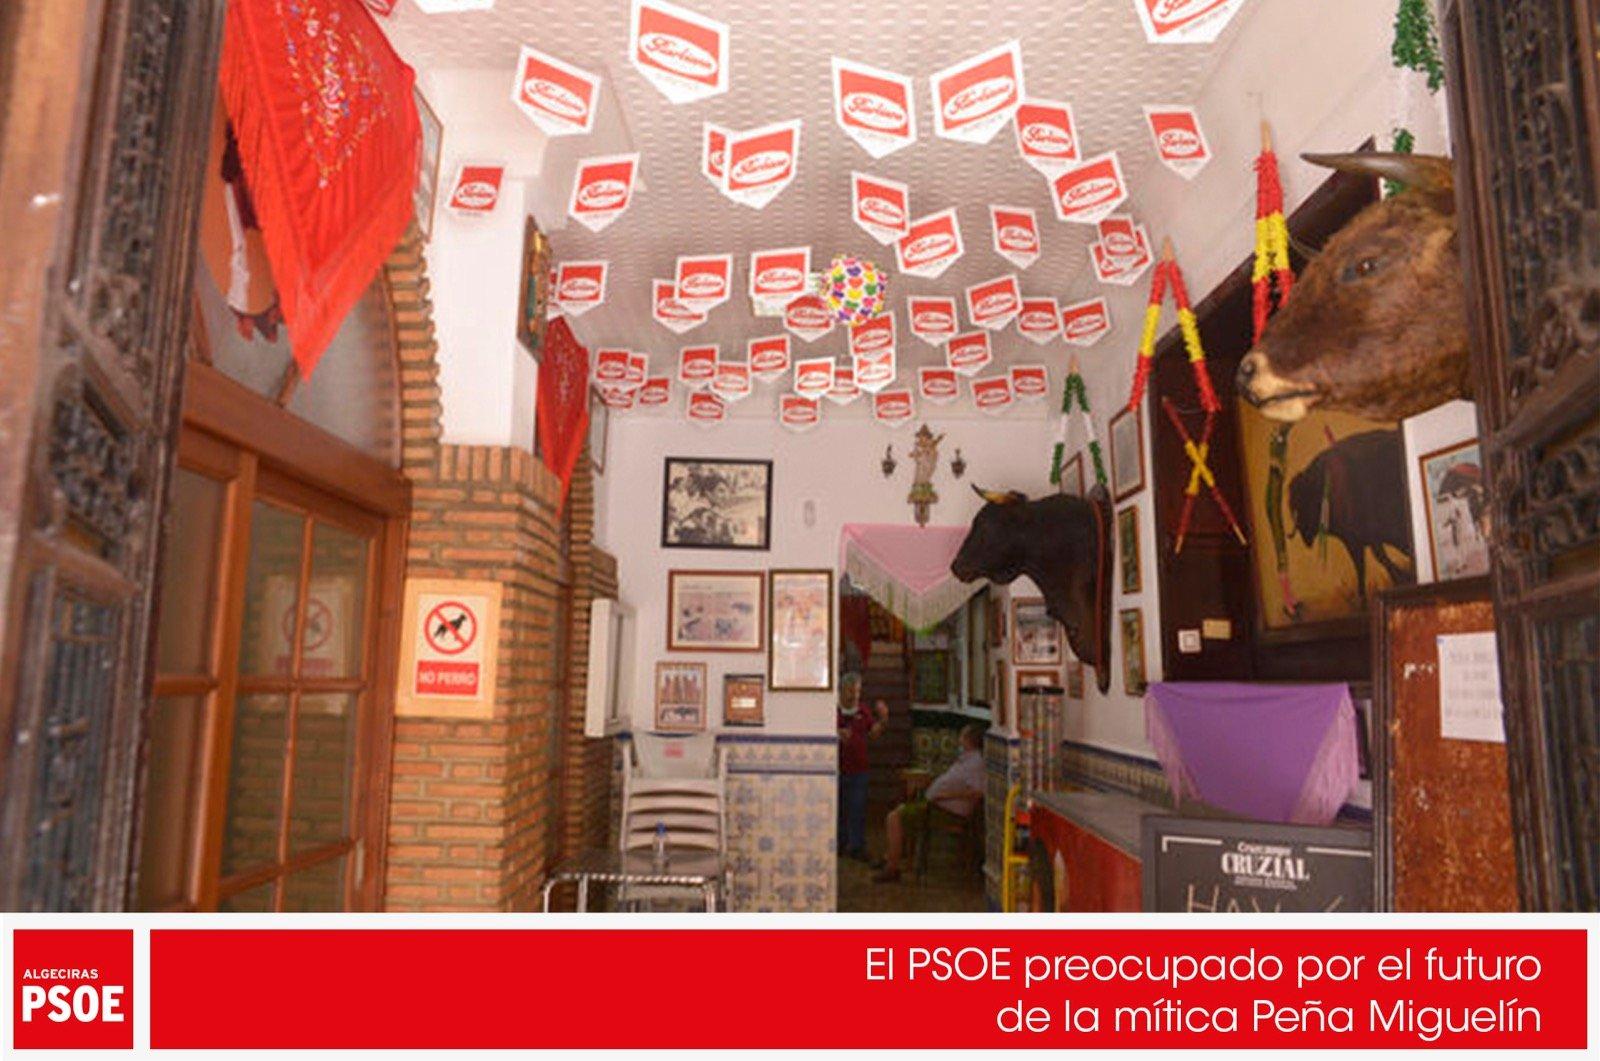 El PSOE, preocupado por el futuro de la mítica Peña Miguelín